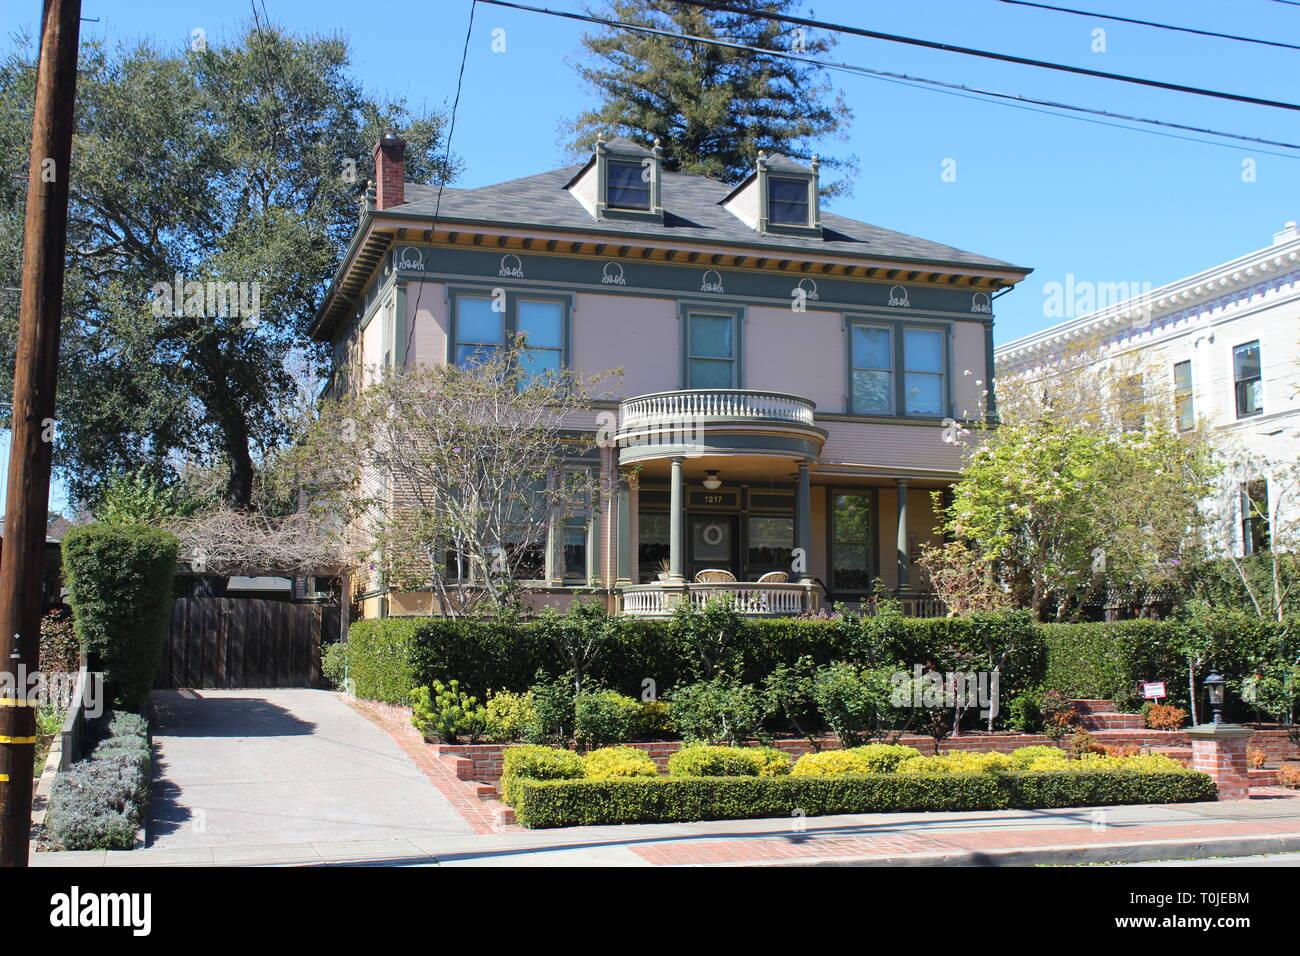 Colonial Revival House, built 1895, Alameda, California - Stock Image